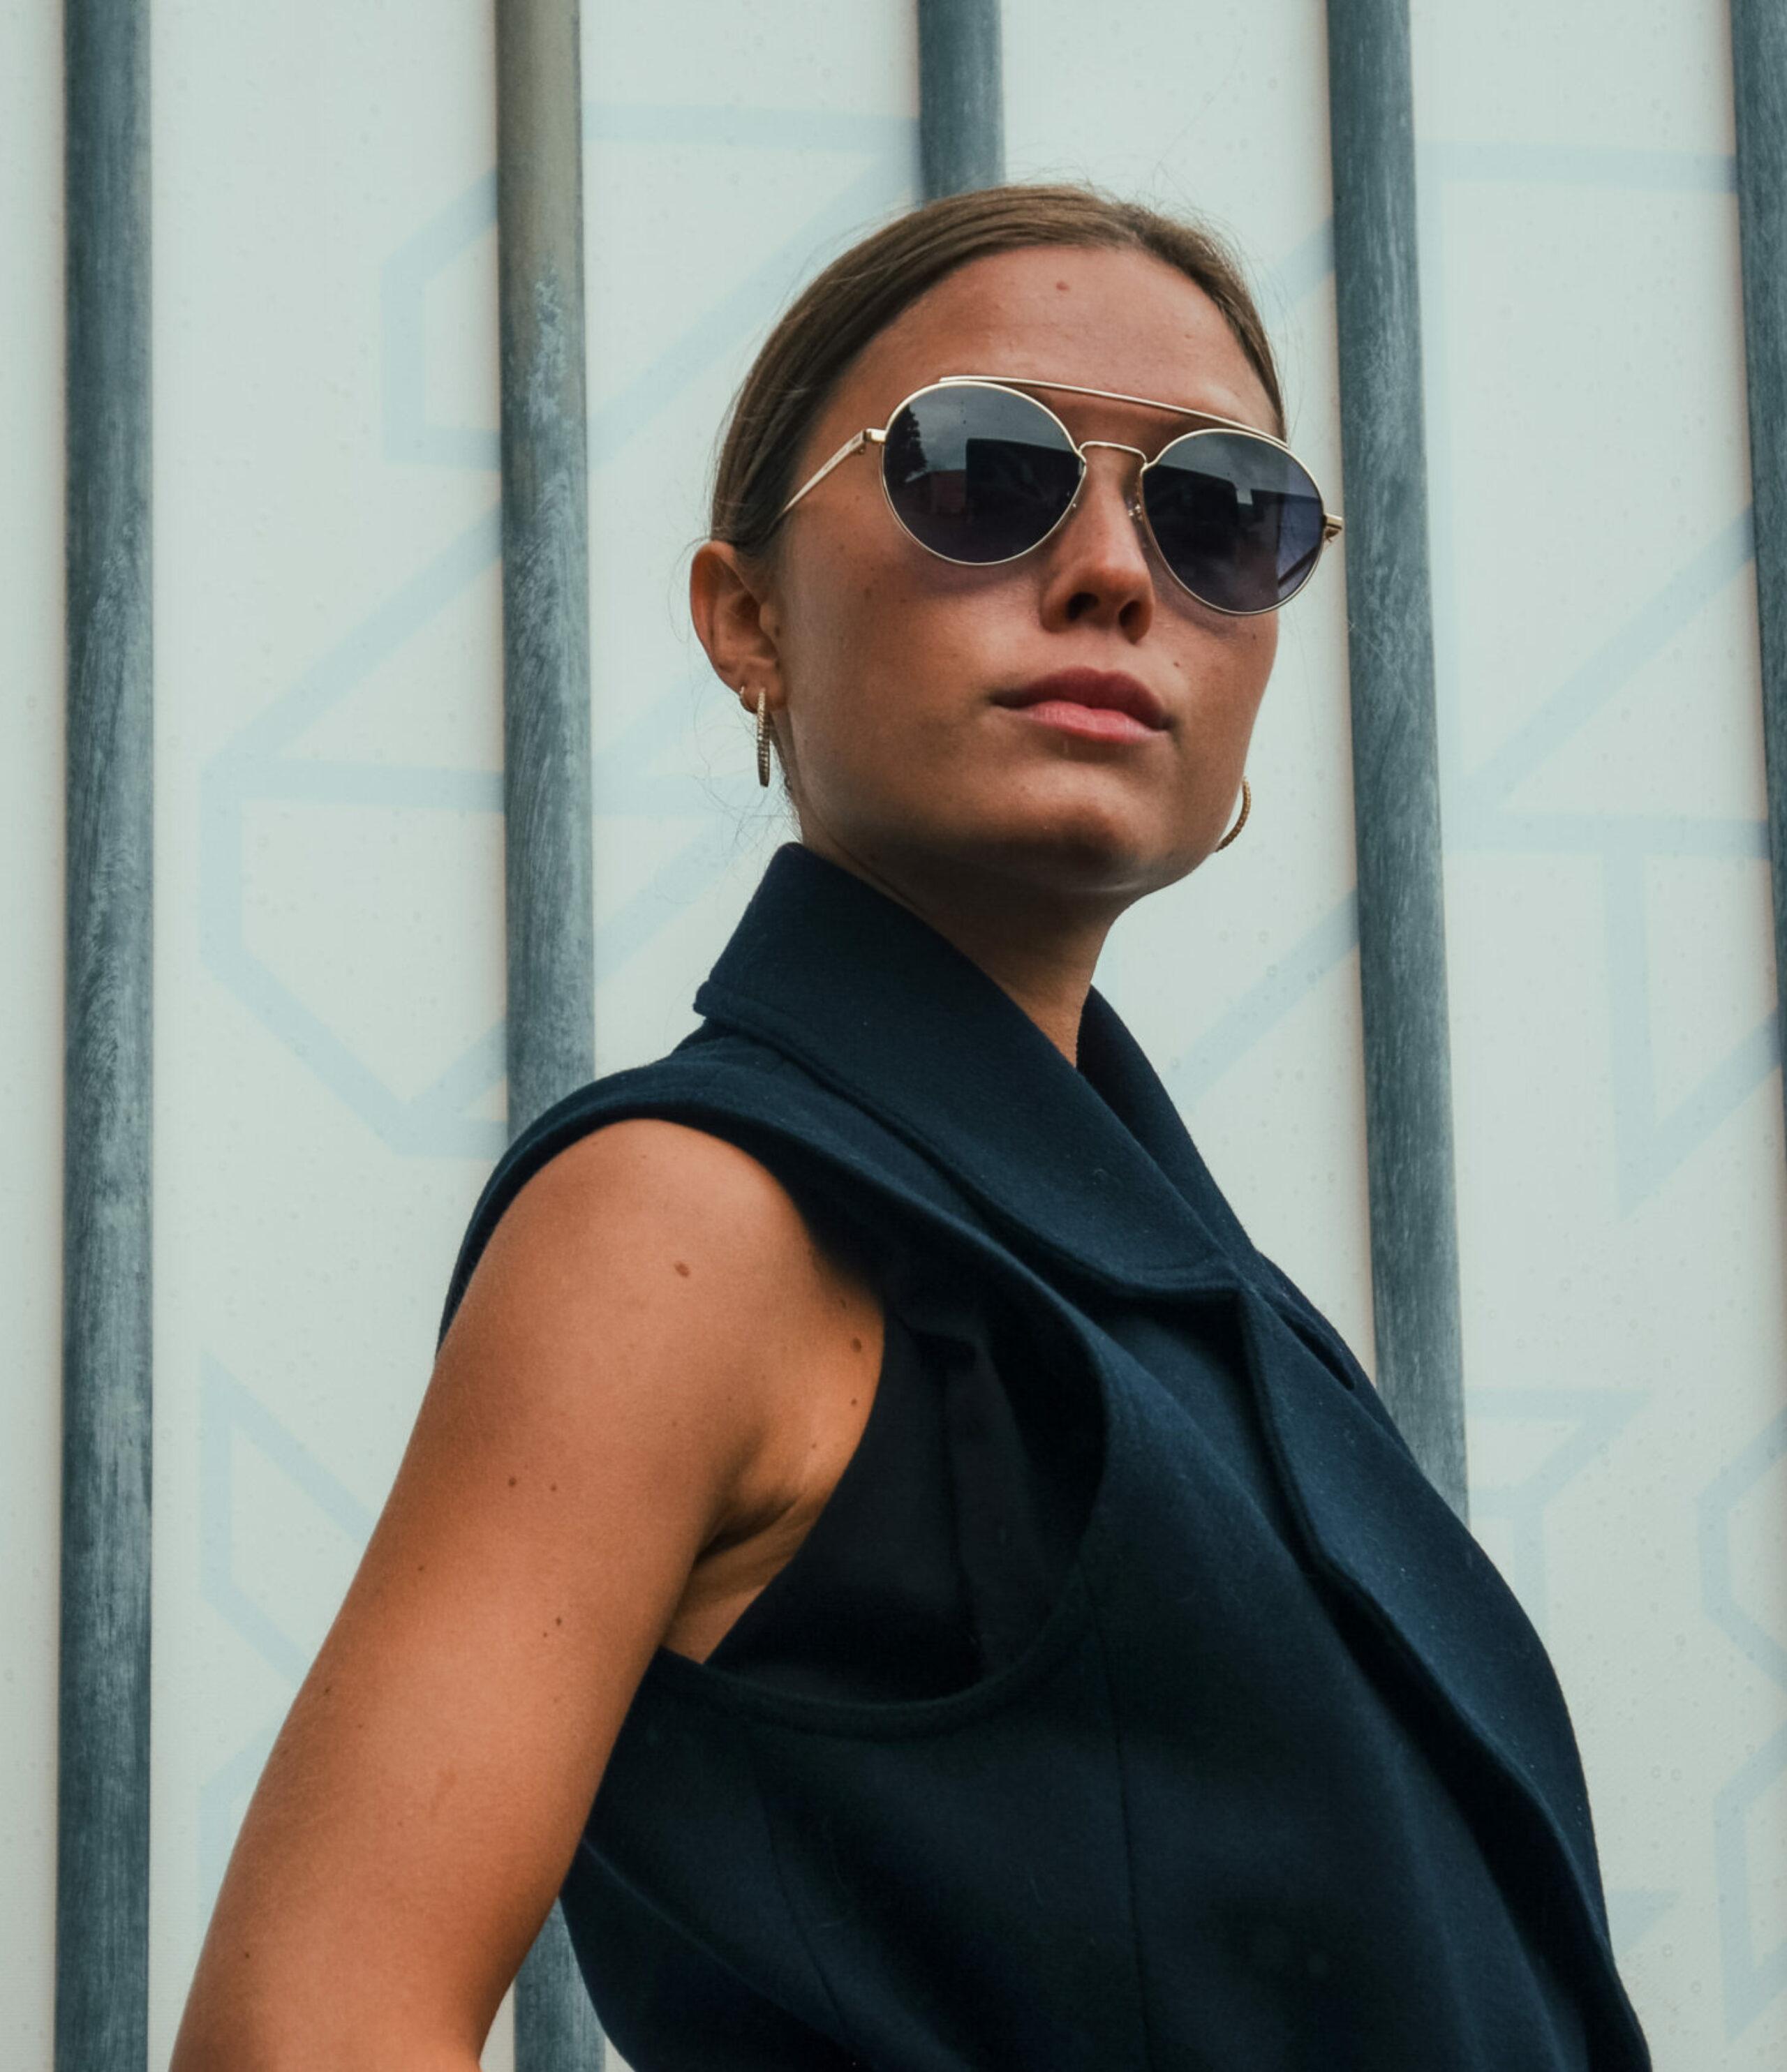 Marc Jacobs brillen en zonnebrillen - Frames and Faces Deinze